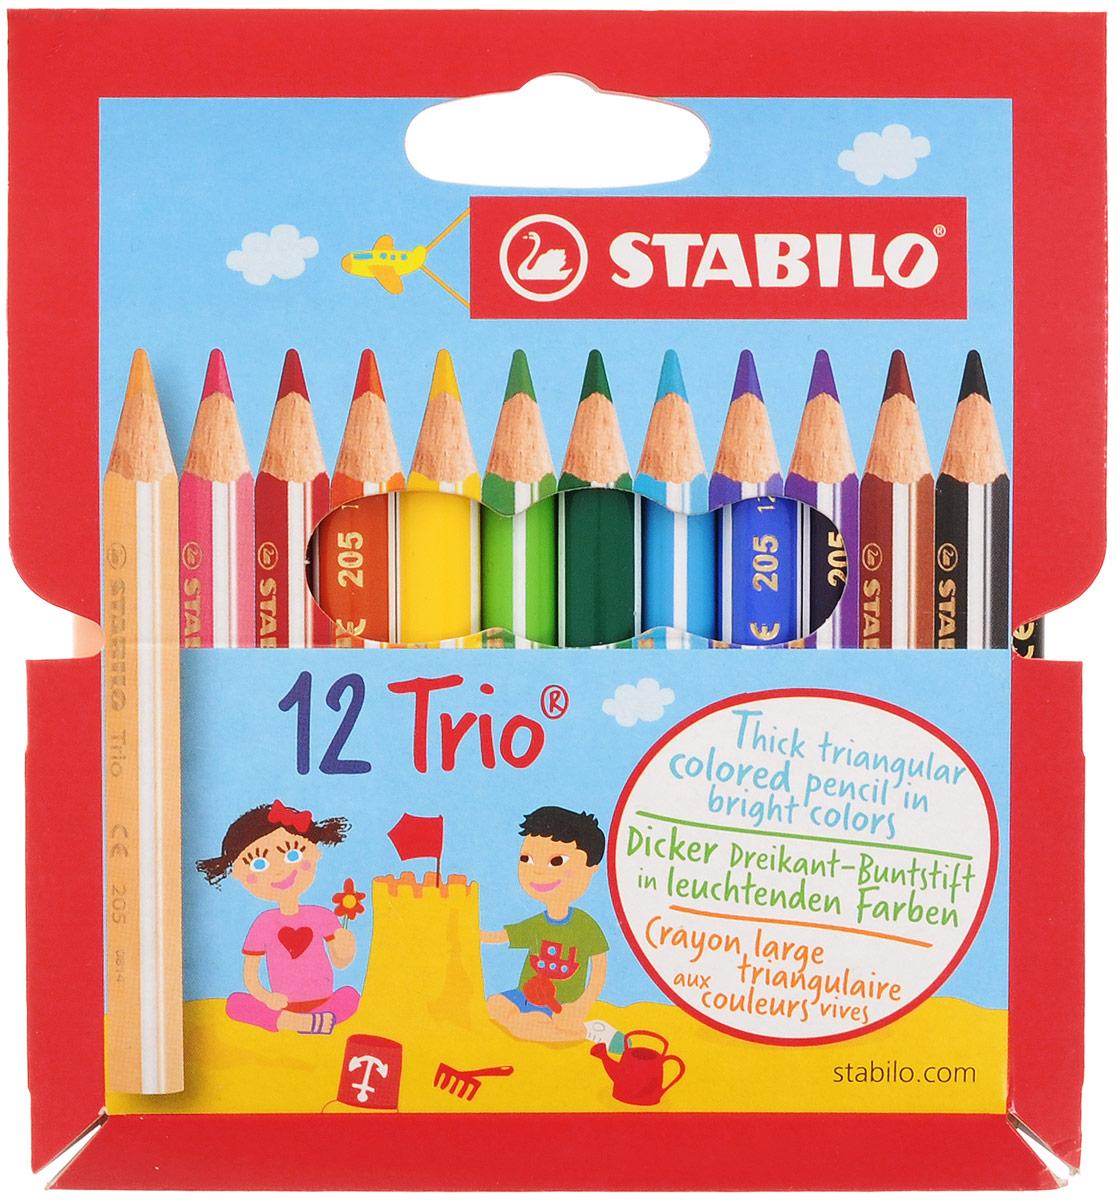 Stabilo Набор цветных карандашей Trio 12 цветов205/12-01_новый дизайнНабор Stabilo Trio из 12 укороченных карандашей разного цвета подходит для самых маленьких детей, которые только начинают рисовать. Трехгранная форма карандаша предотвращает усталость детской руки при рисовании и позволяет привить ребенку навык правильно держать пишущий инструмент. Подходят для правшей и для левшей. Утолщенный эргономичный грифель, устойчивый к поломкам.